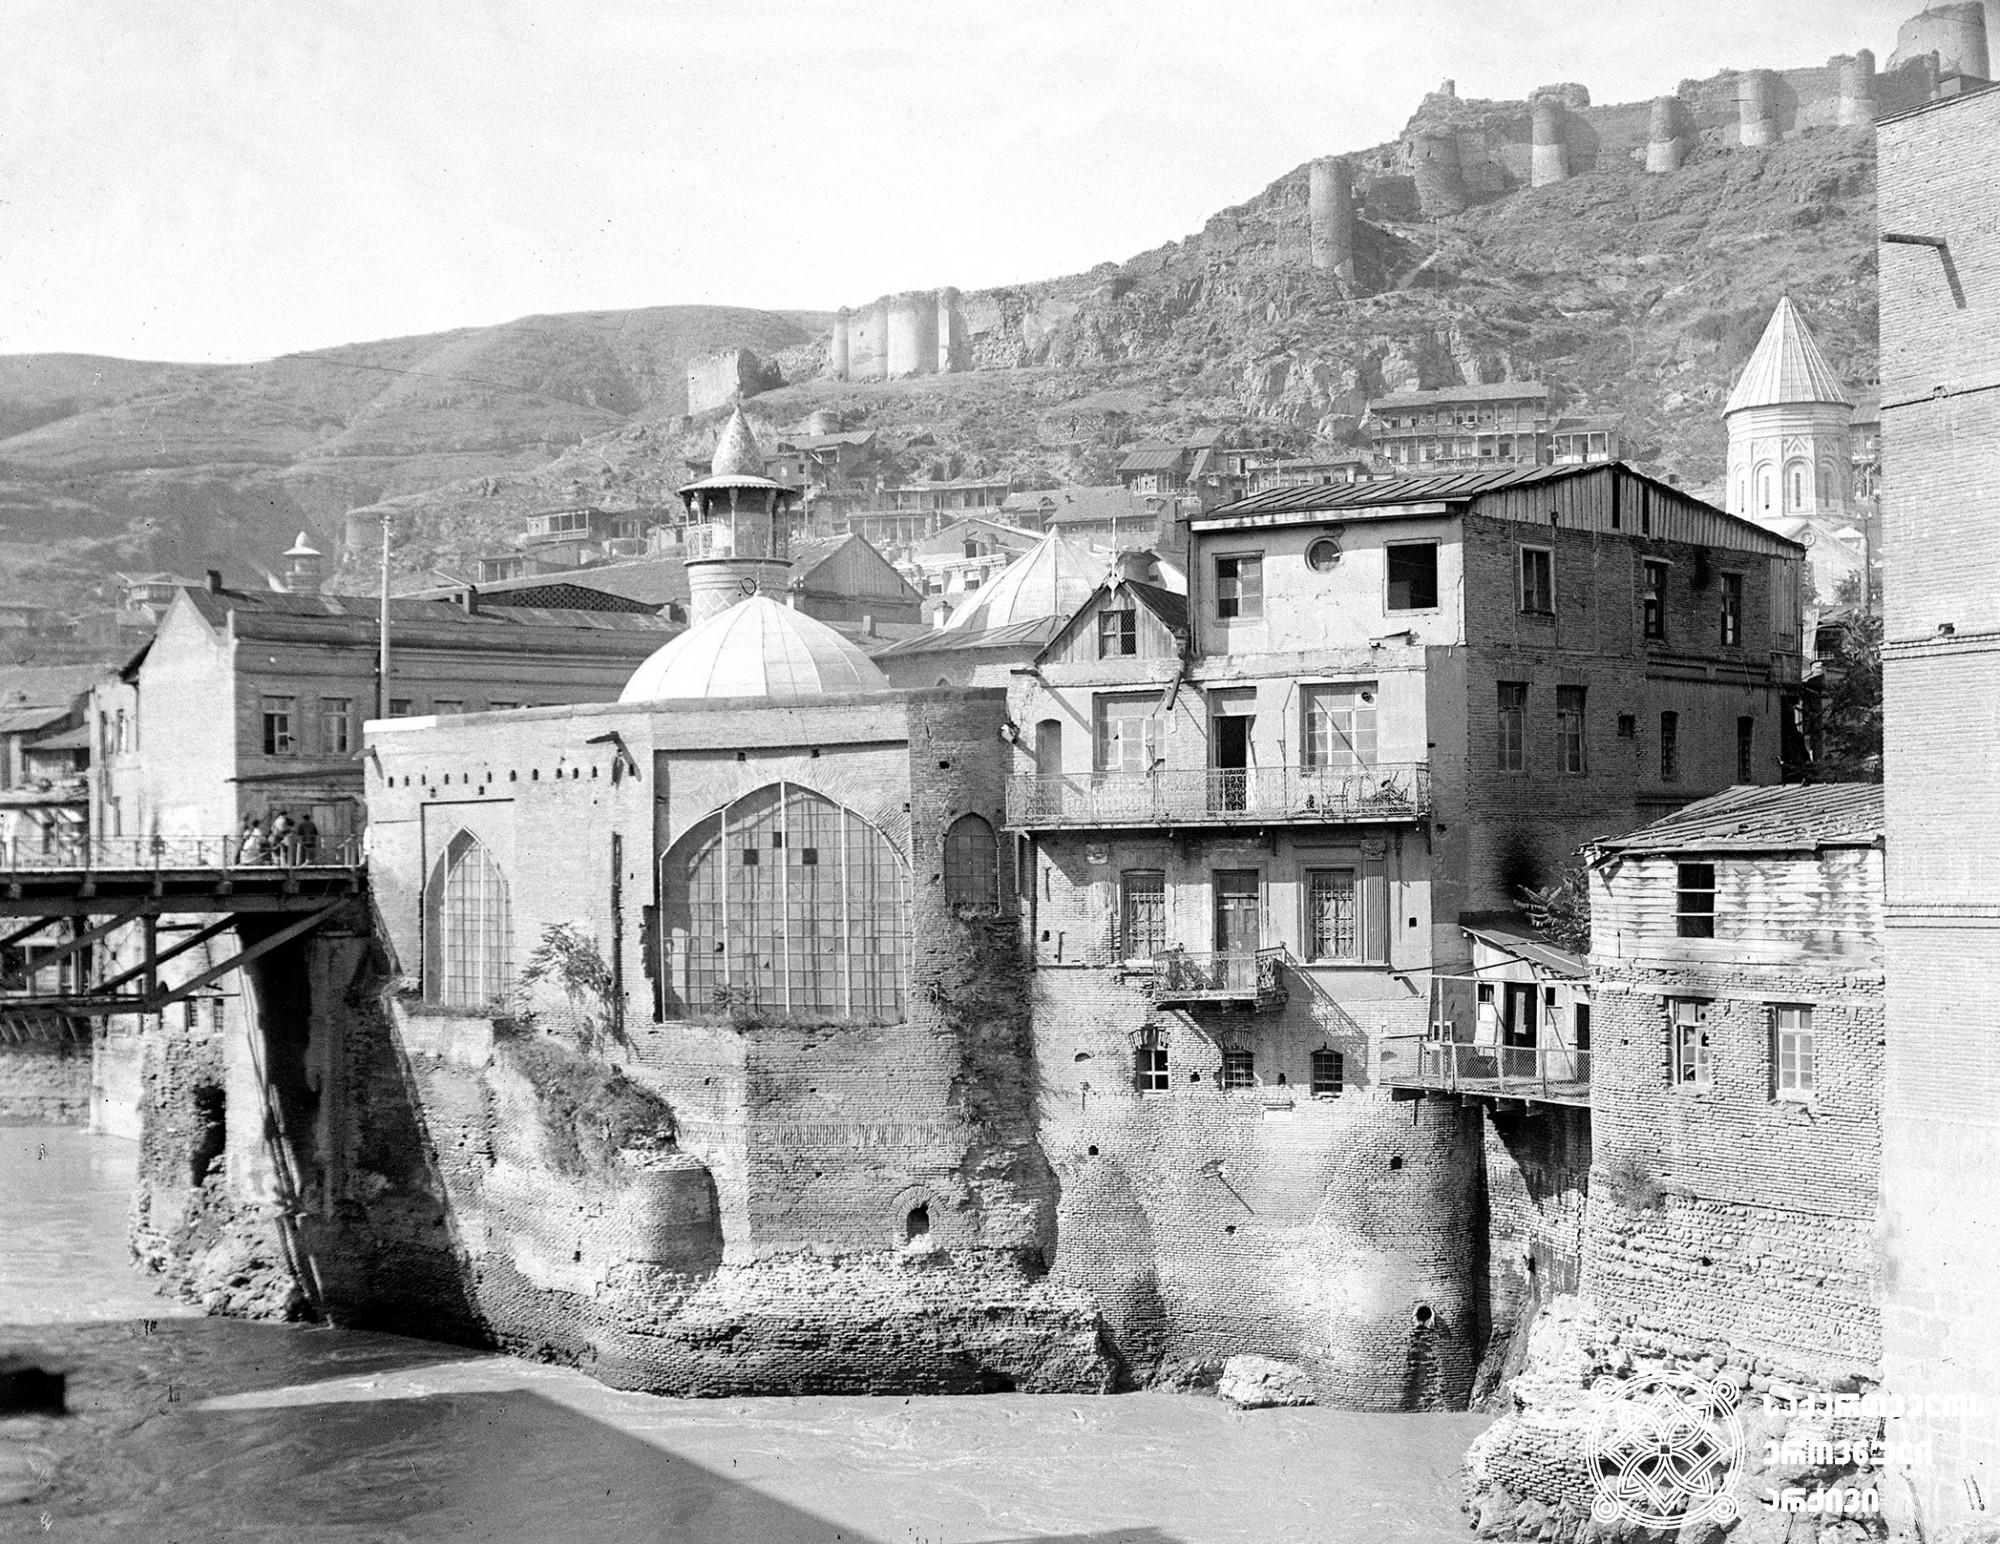 ძველი თბილისი. <br>ნარიყალას და მეჩეთის ხედი. თბილისი.<br> ფოტო: რუბენ აკოფოვი. 1926 <br> Oold Tbilisi. View of Narikala and Mosque. Tbilisi. <br> Photo by: Ruben akopov. 1926<br>